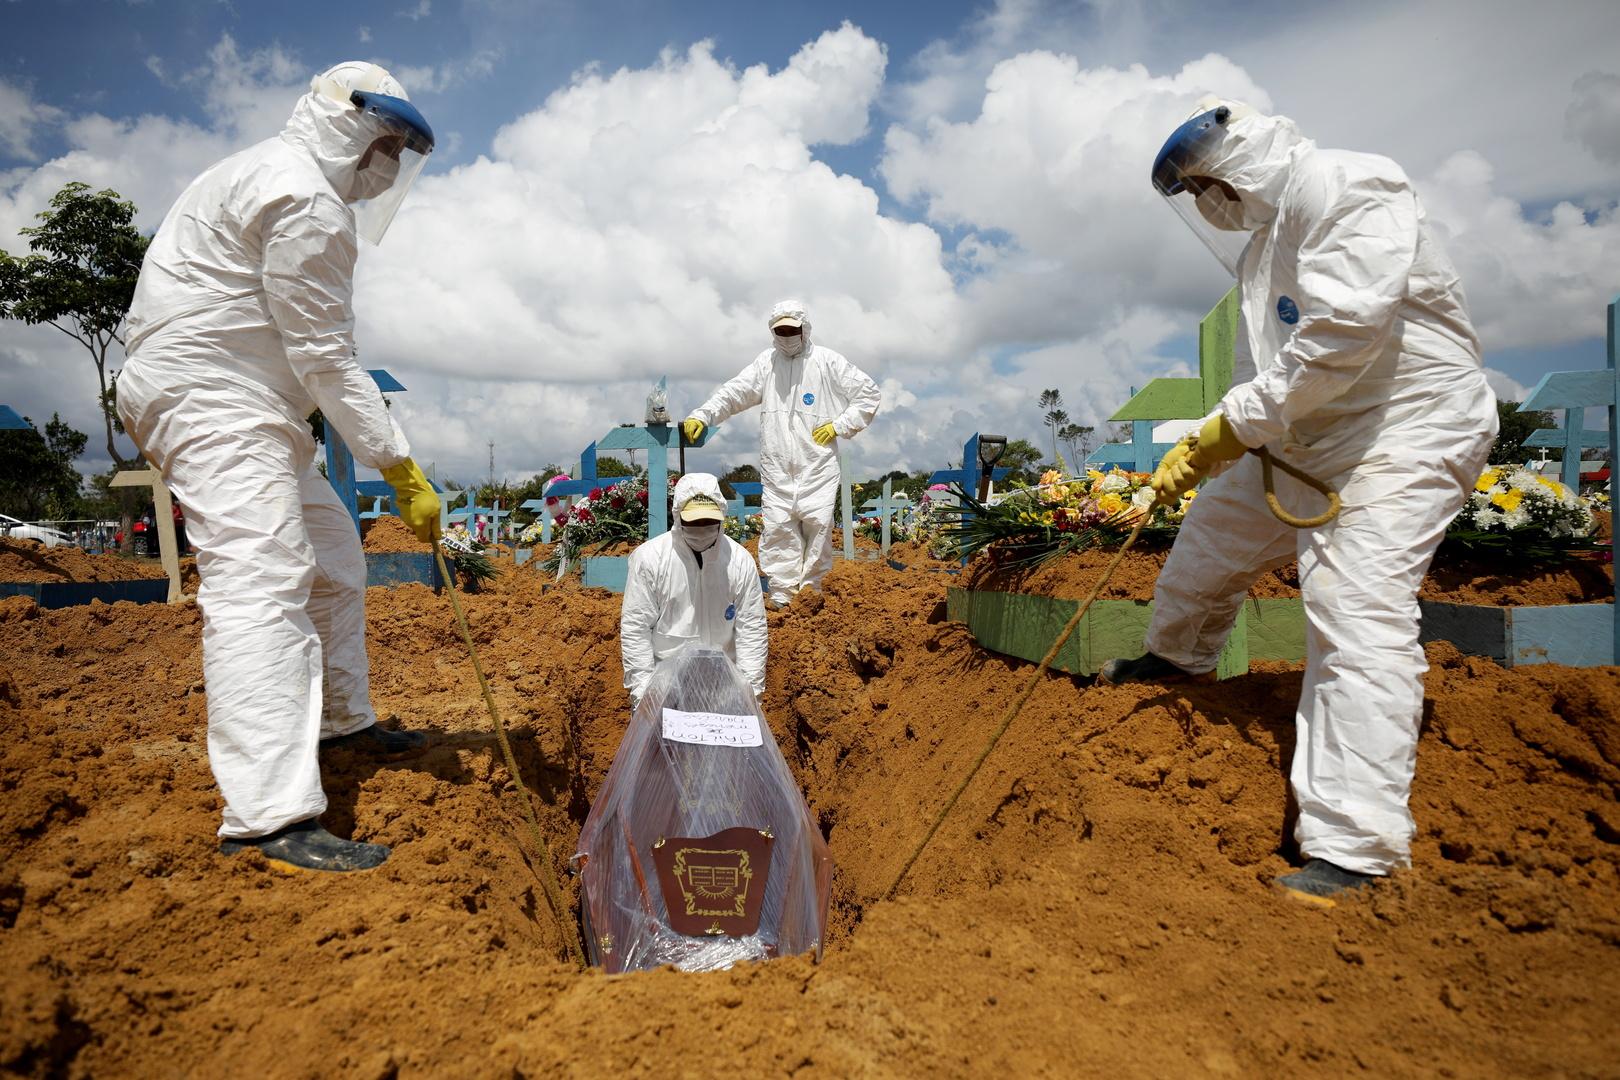 حصيلة وفيات كورونا حول العالم تقترب من 3 ملايين والولايات المتحدة أكبر المتضررين